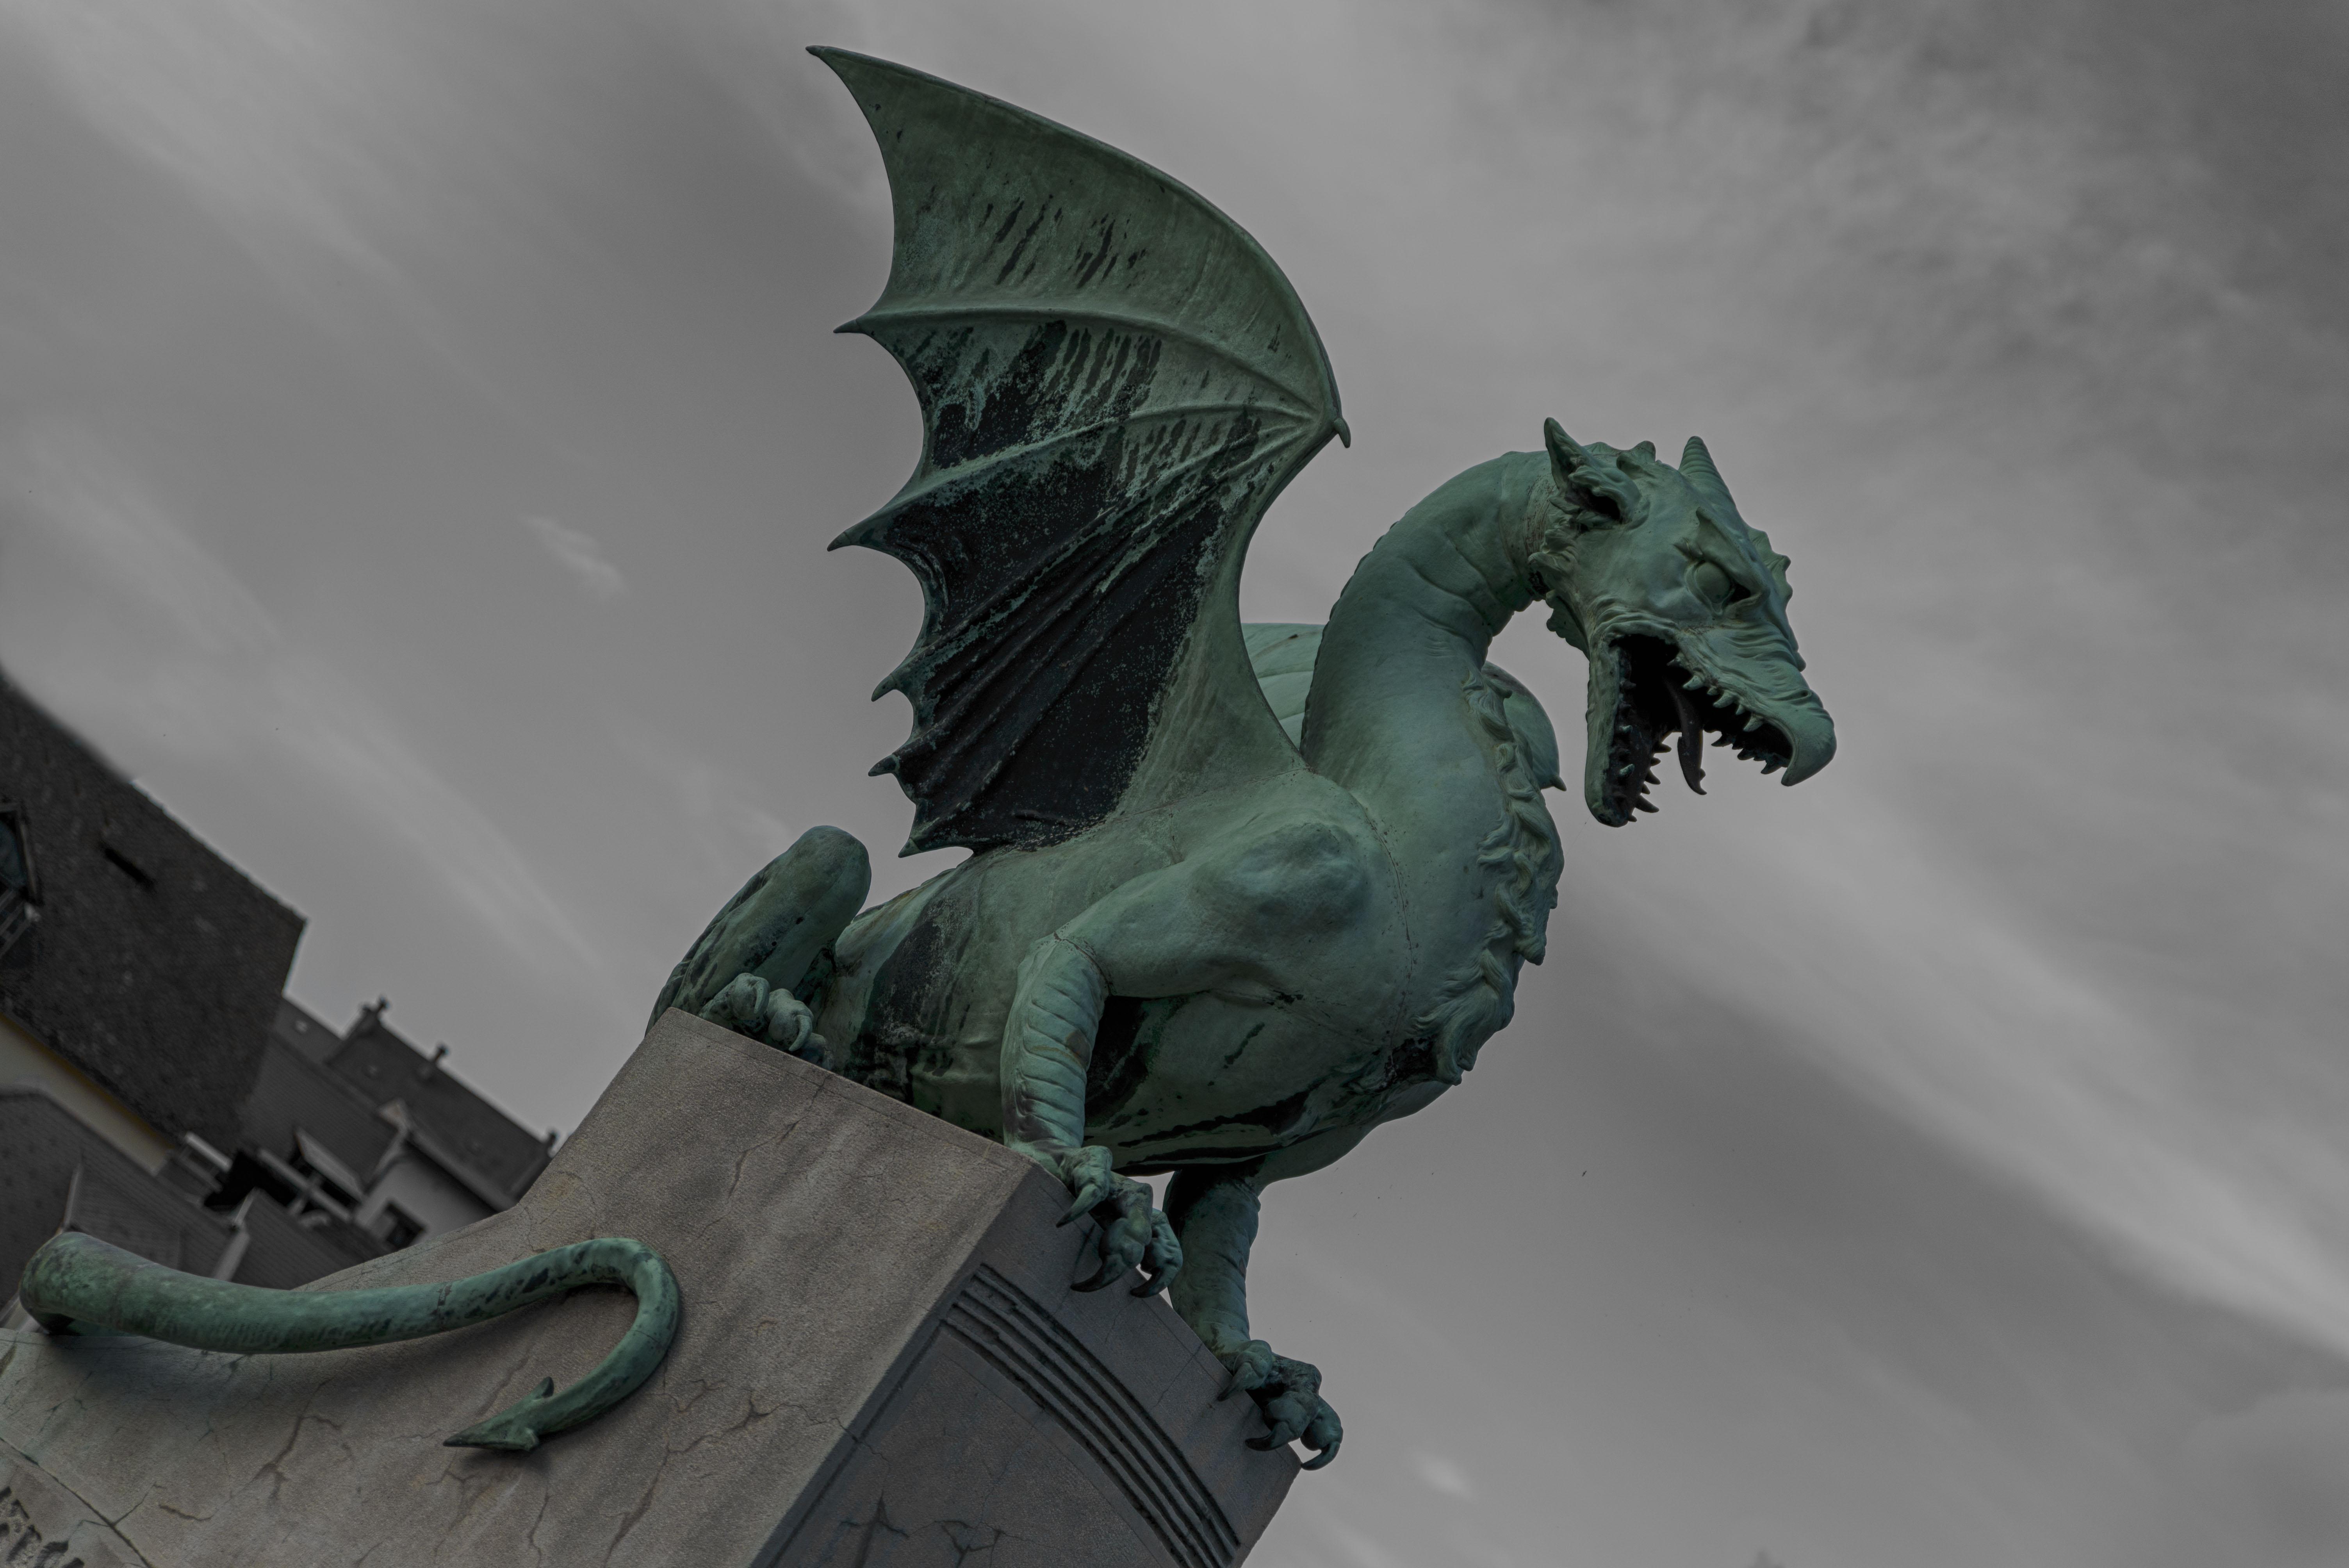 A város szimbóluma, a sárkányos híd<br />Sandor Adasz Photography<br />All right reserved